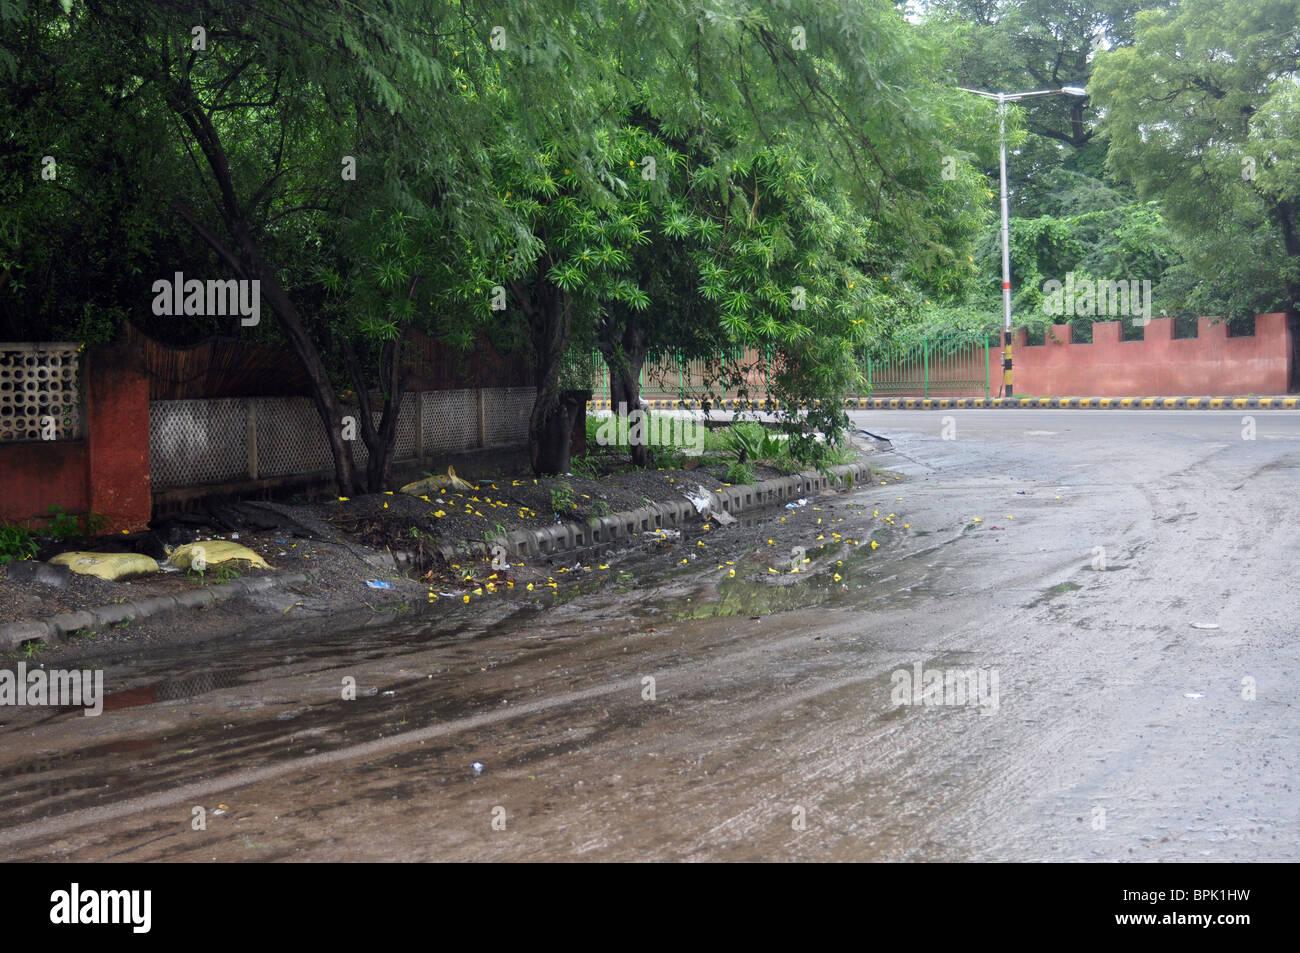 Slushy roads at New Delhi, venue of commonwealth games 2010 - Stock Image